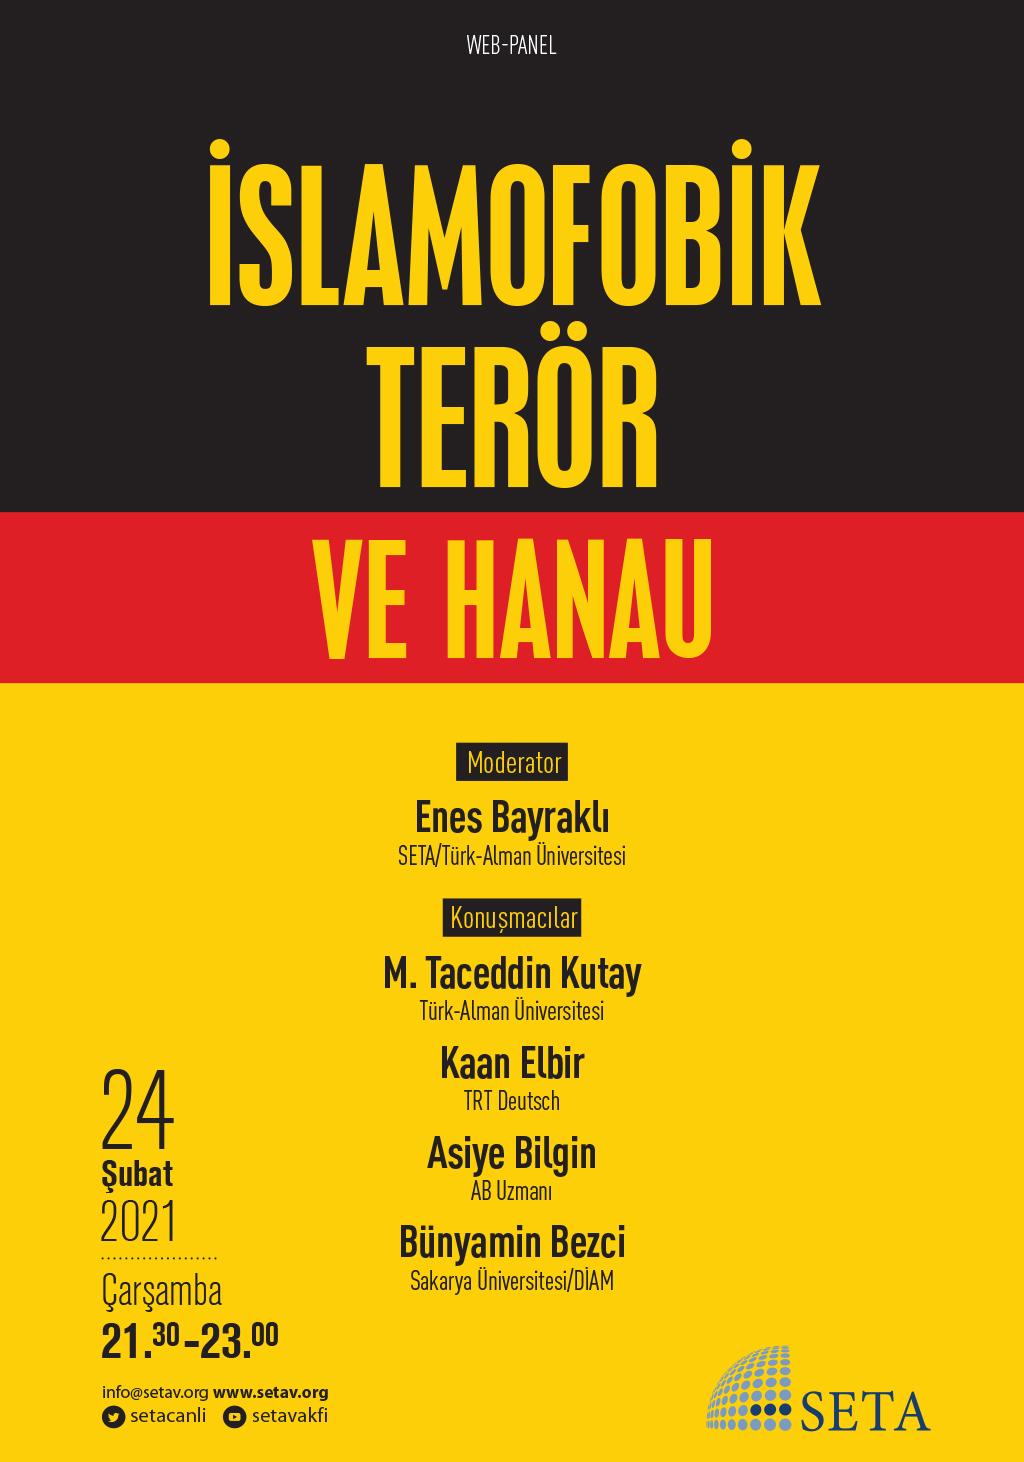 Web Panel: İslamofobik Terör ve Hanau